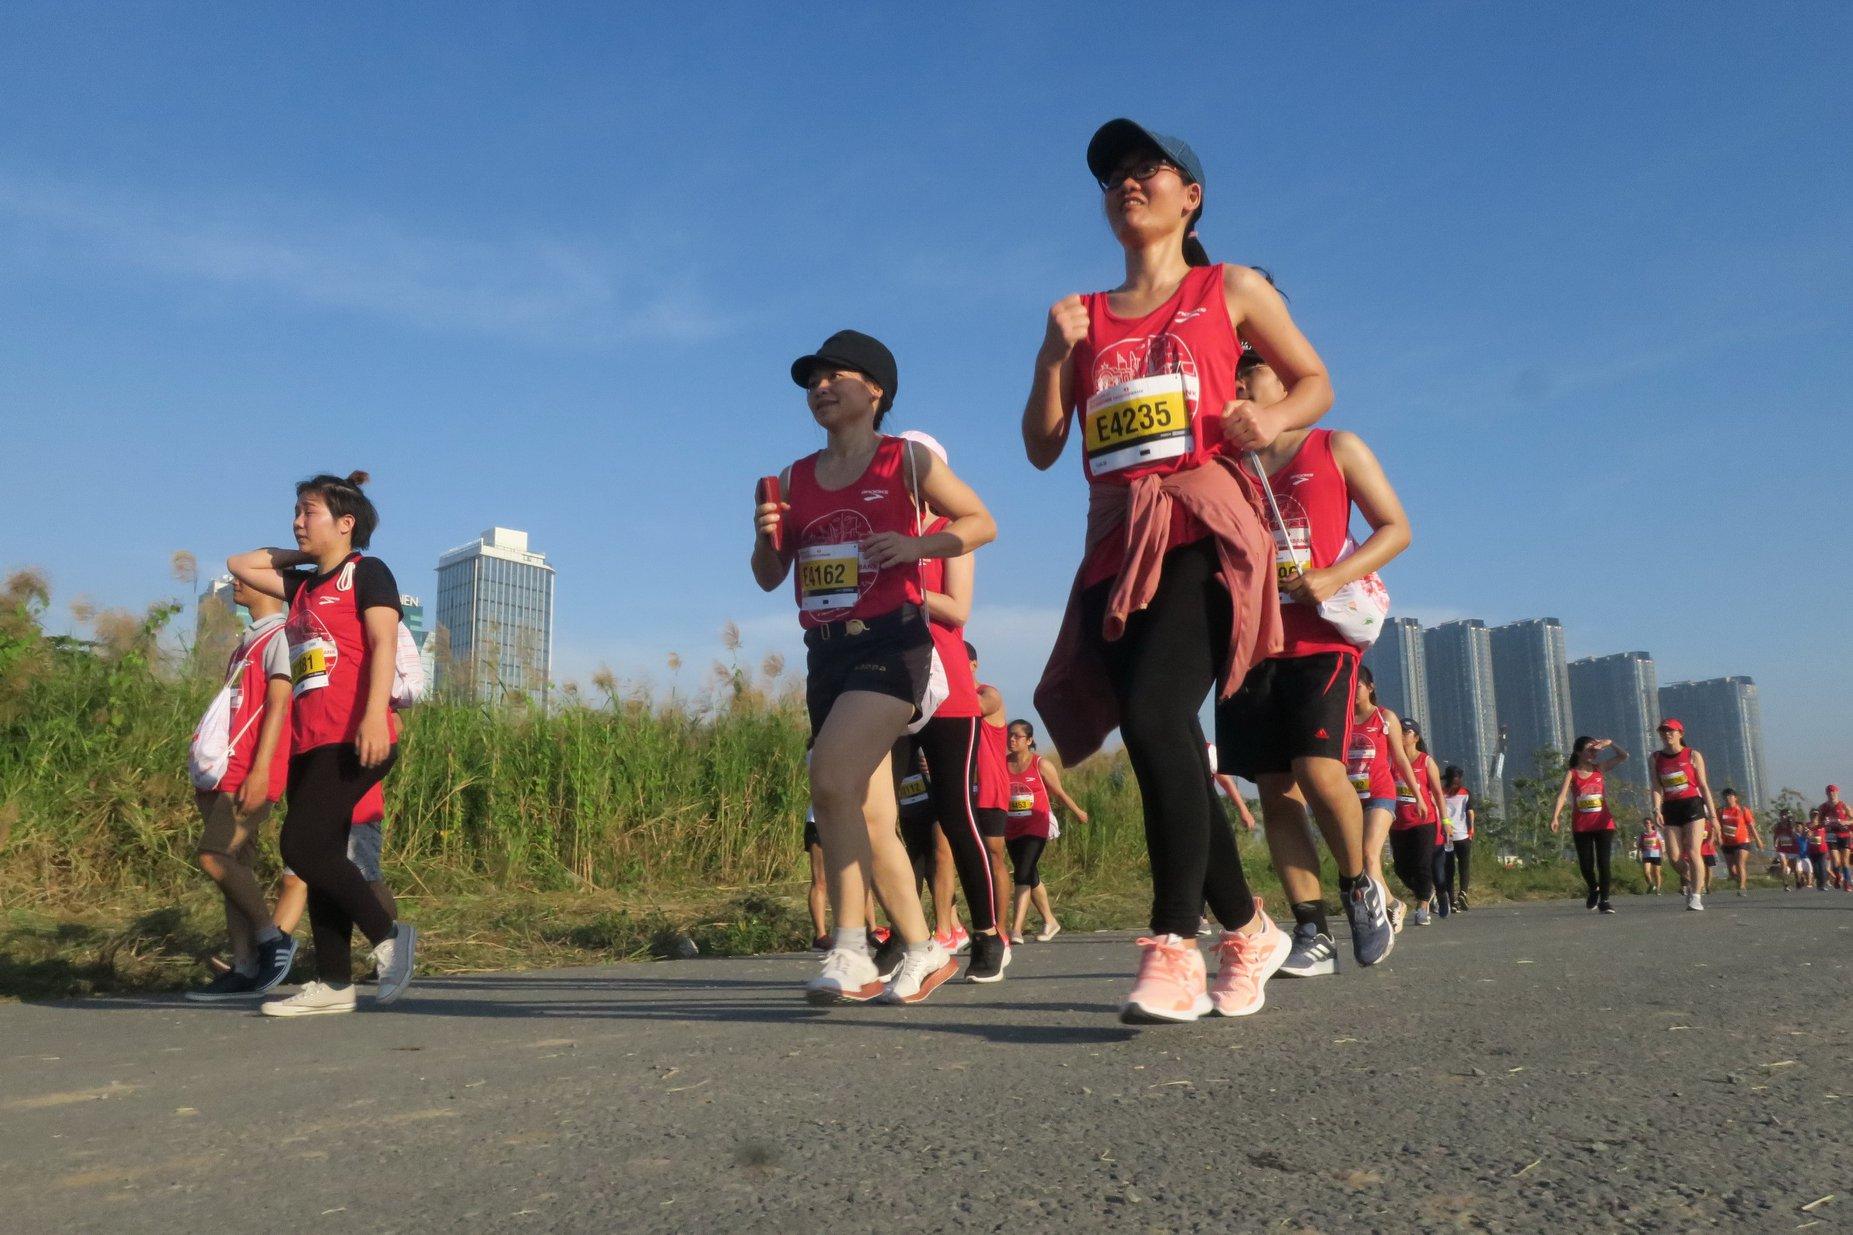 Các vđv (đường chạy 10km) chạy ở khu Thủ Thiêm, Q2. | Ảnh: TTD